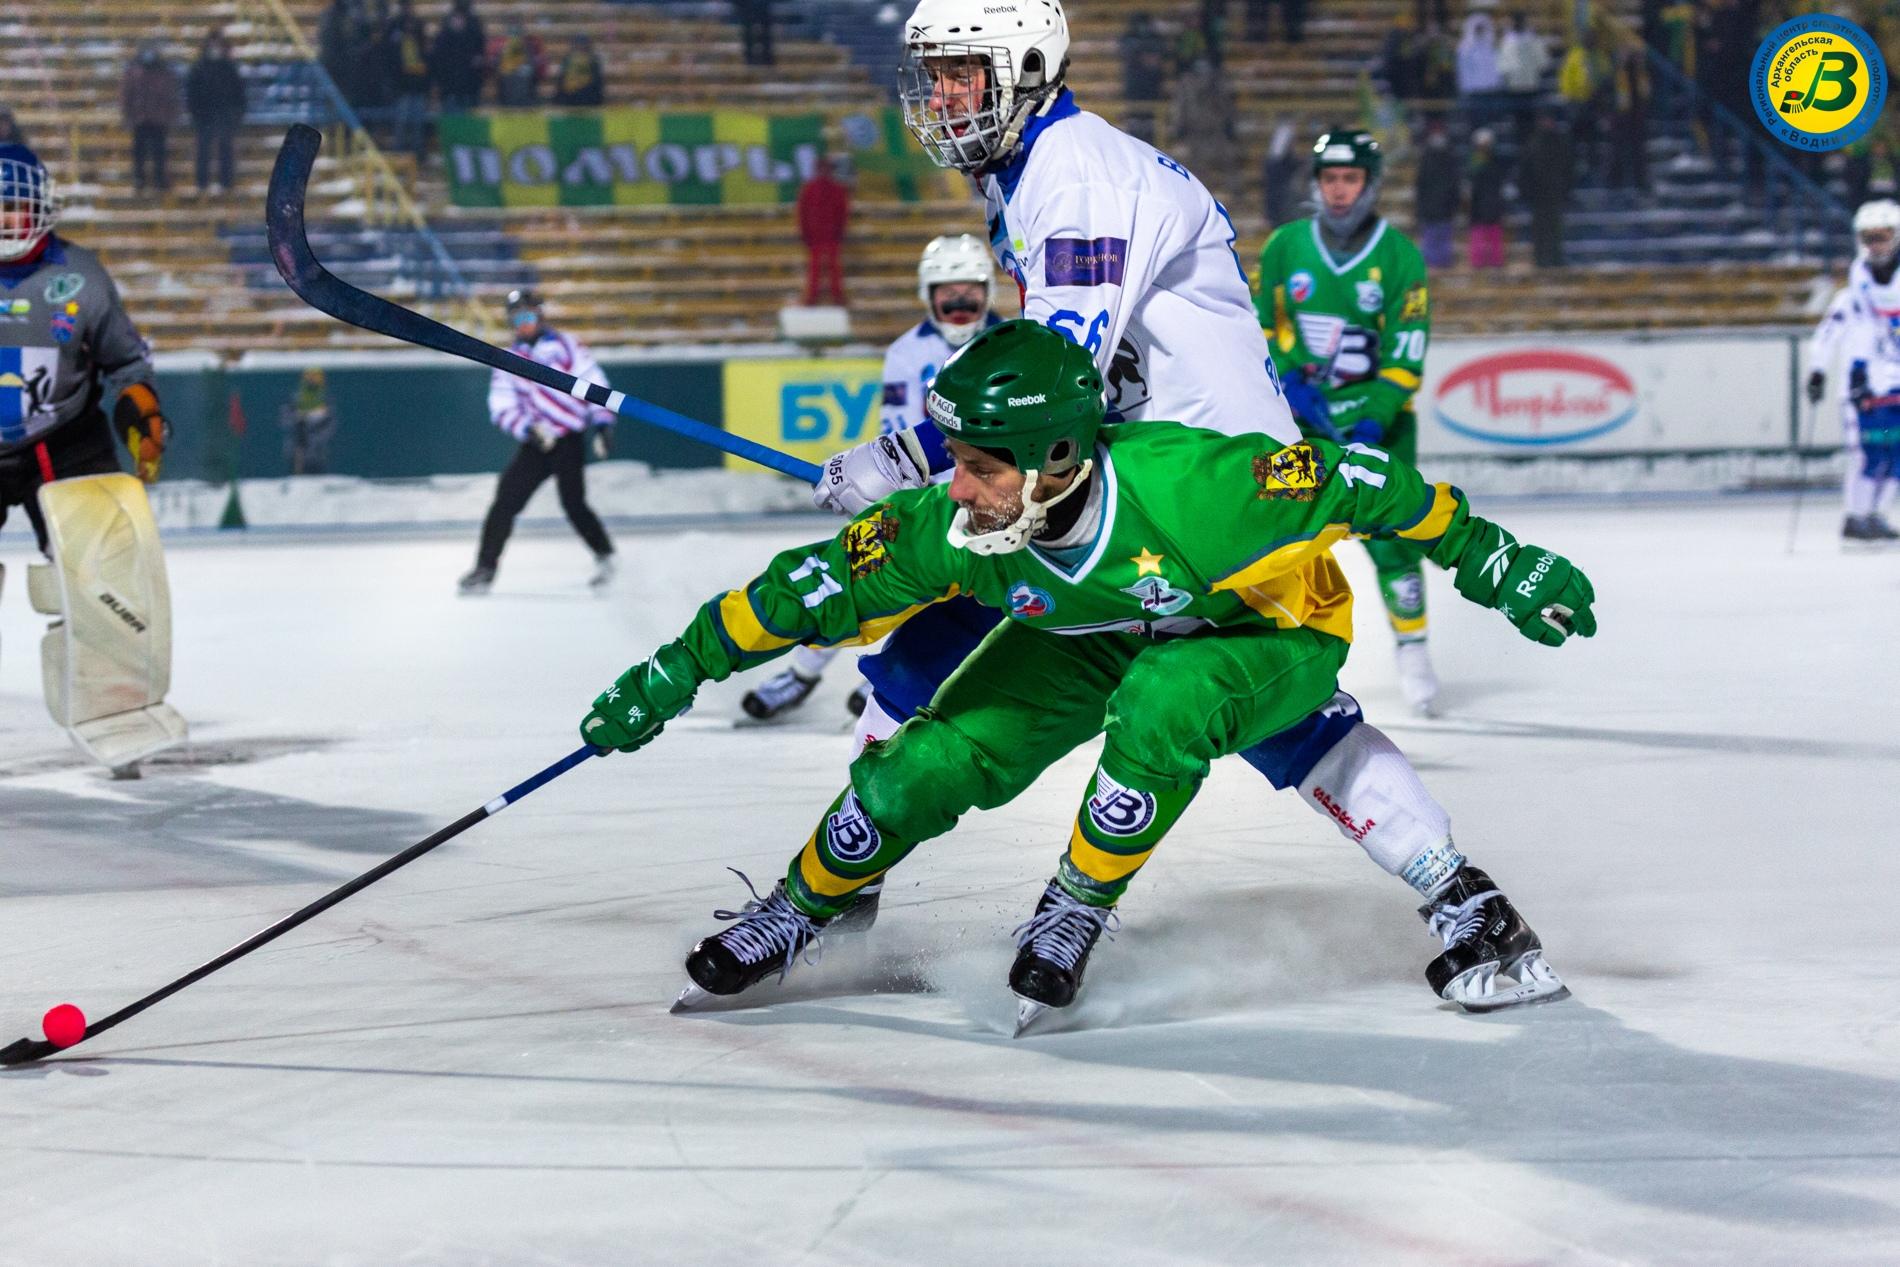 Николай Ярович пожаловался на качество льда во втором тайме: спортсмены не катались, а почти бегали на коньках